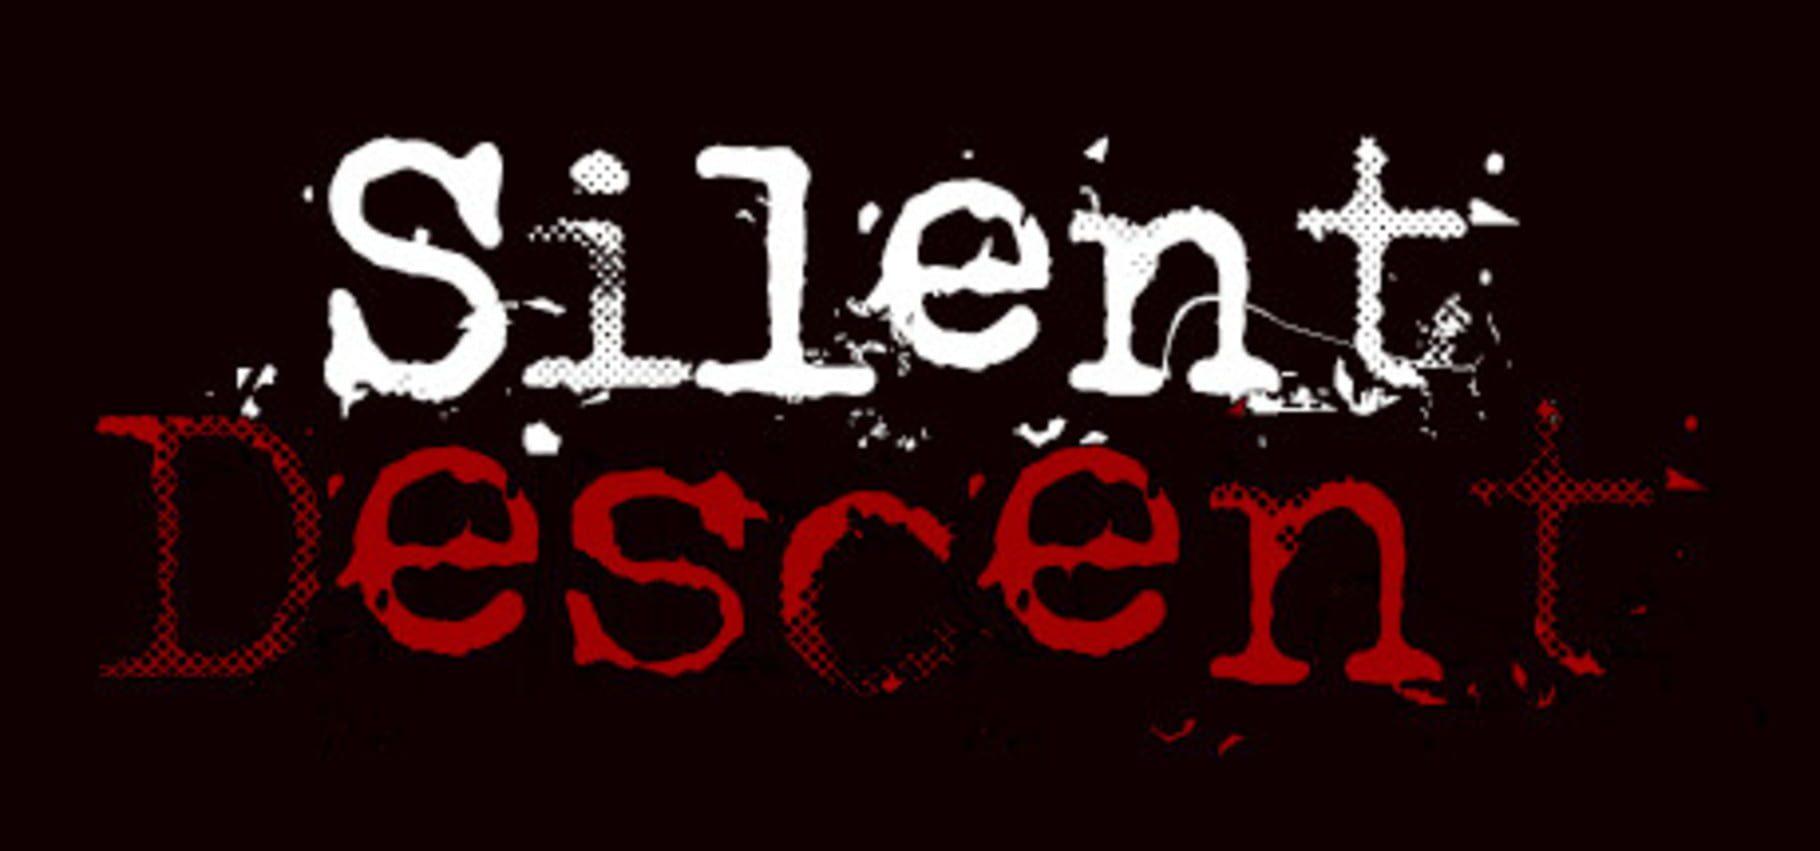 buy Silent Descent cd key for all platform